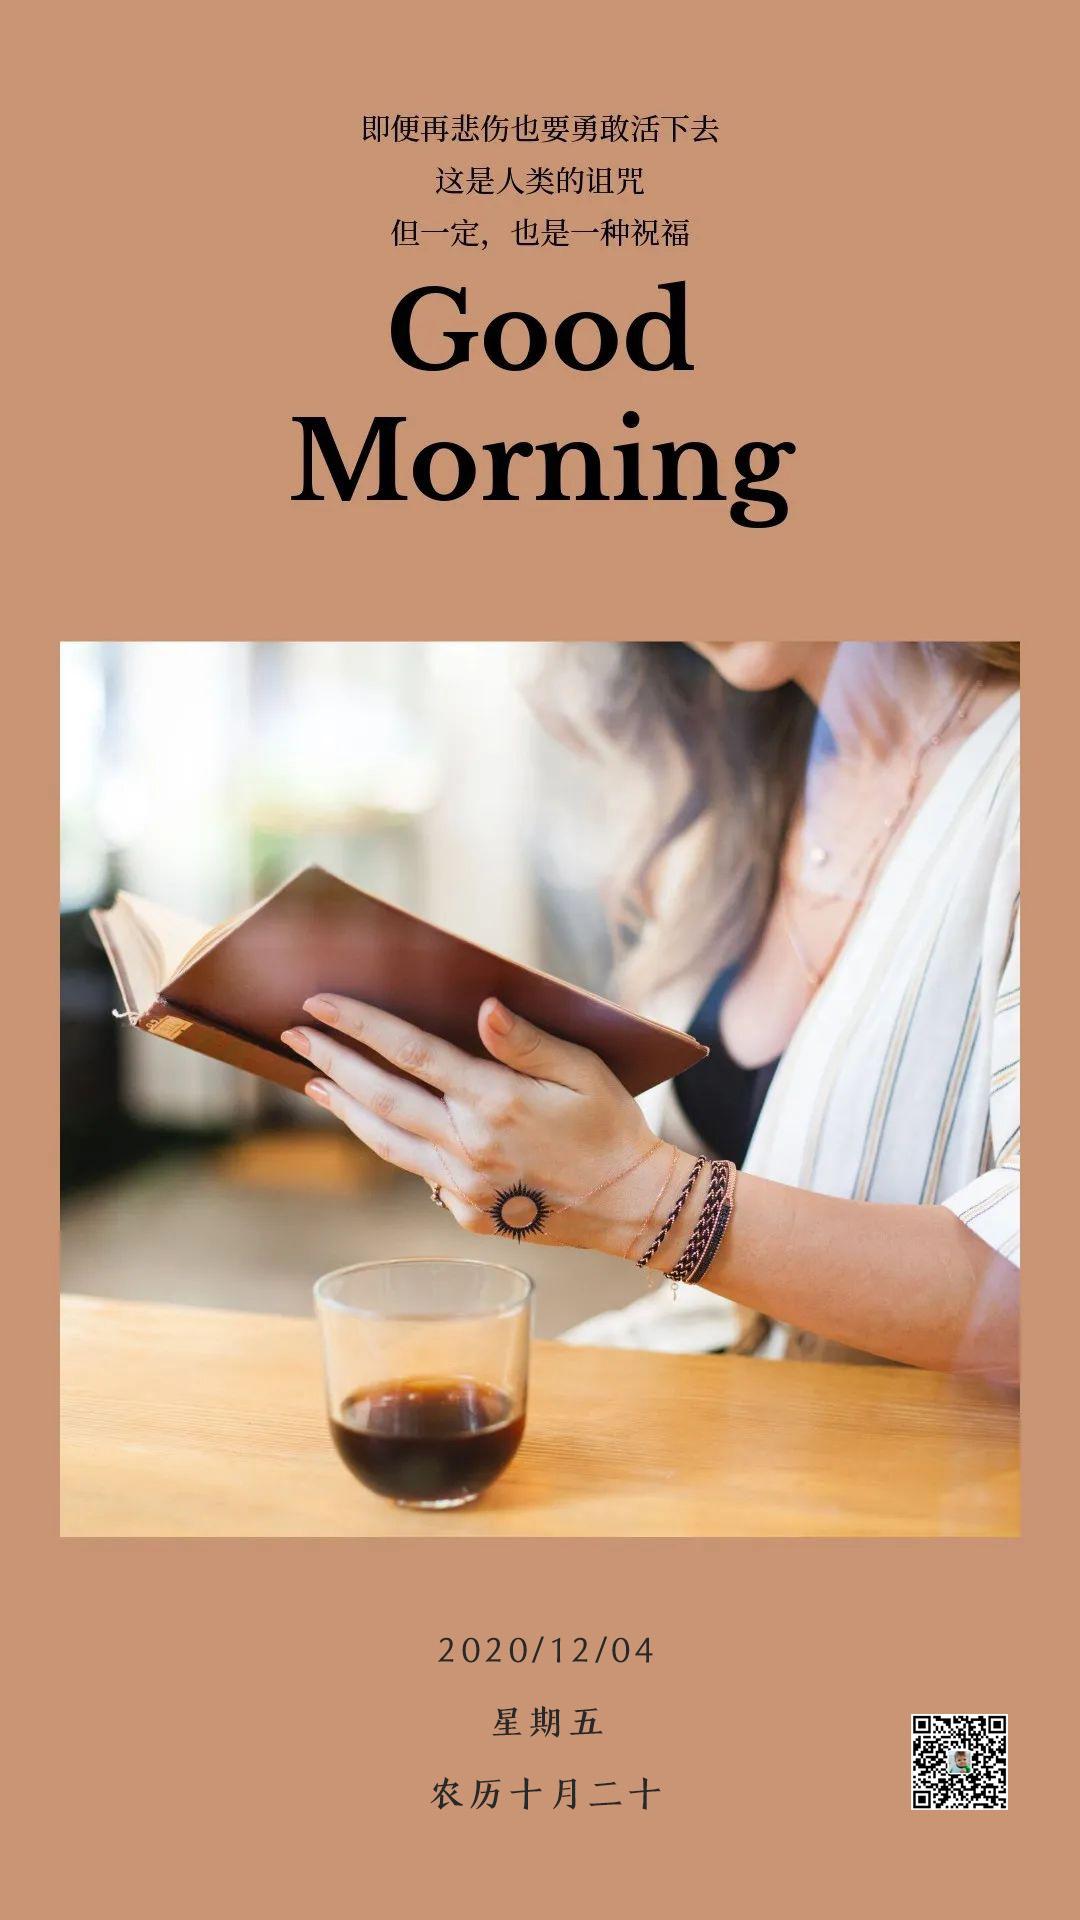 周五发微信的早上好日签图片,正能量句子